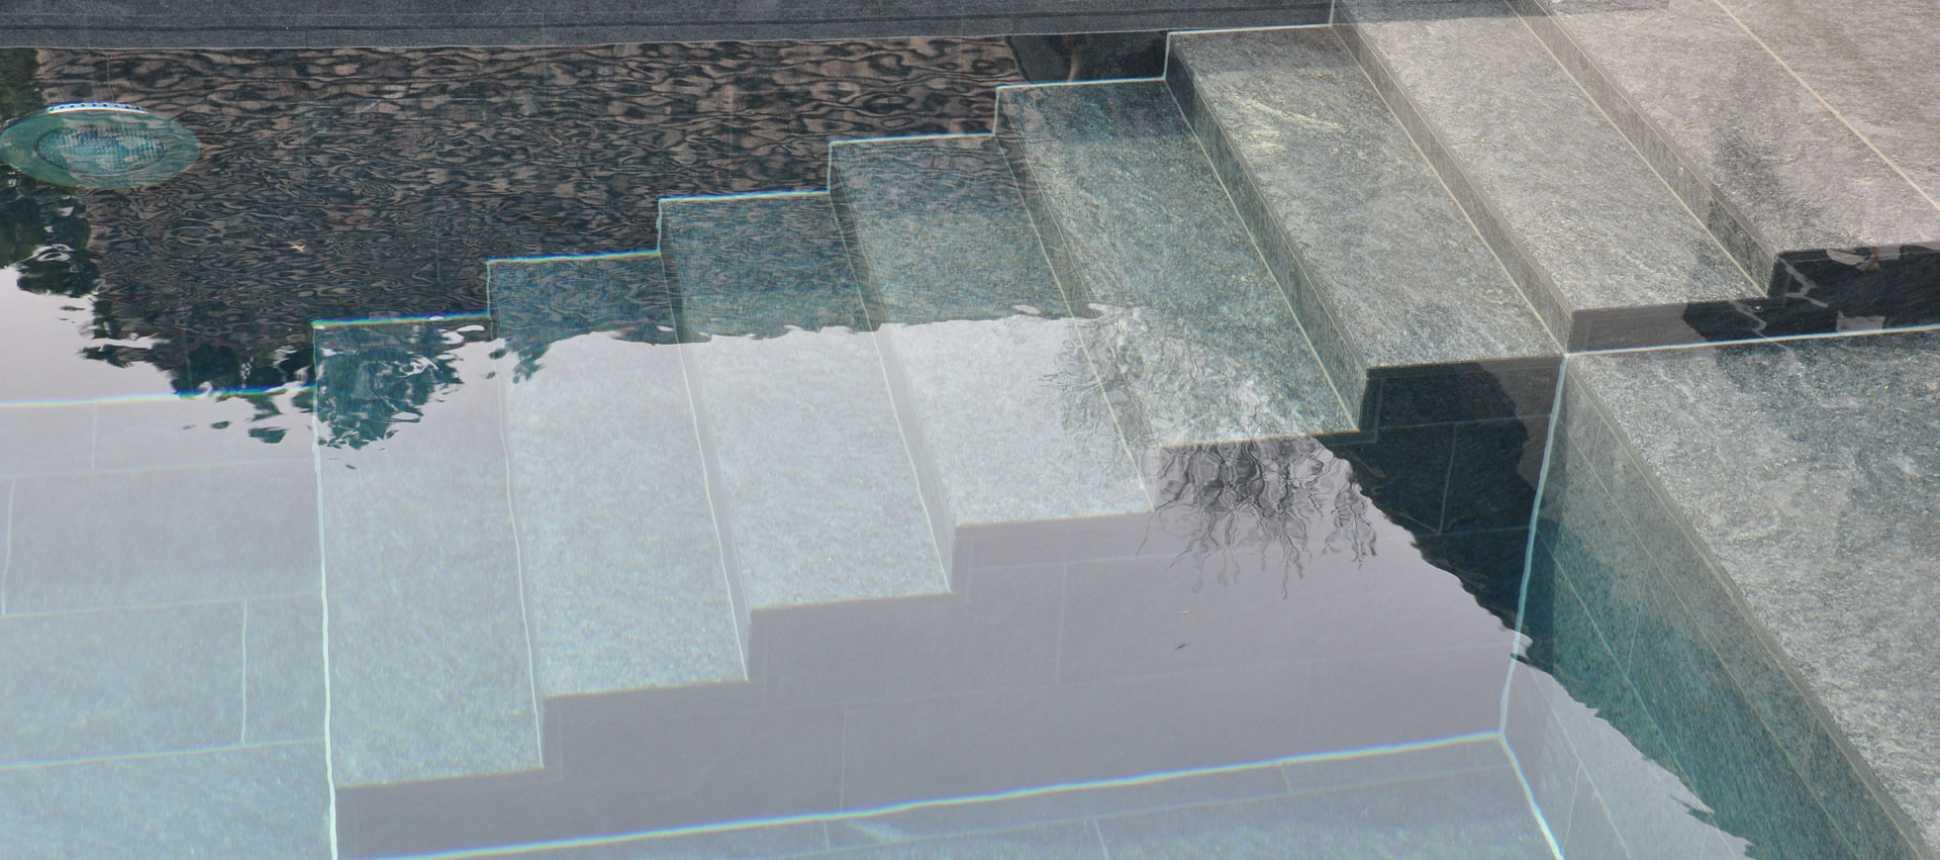 Schwimmbadsanierung Betonpool Swimming pool beton